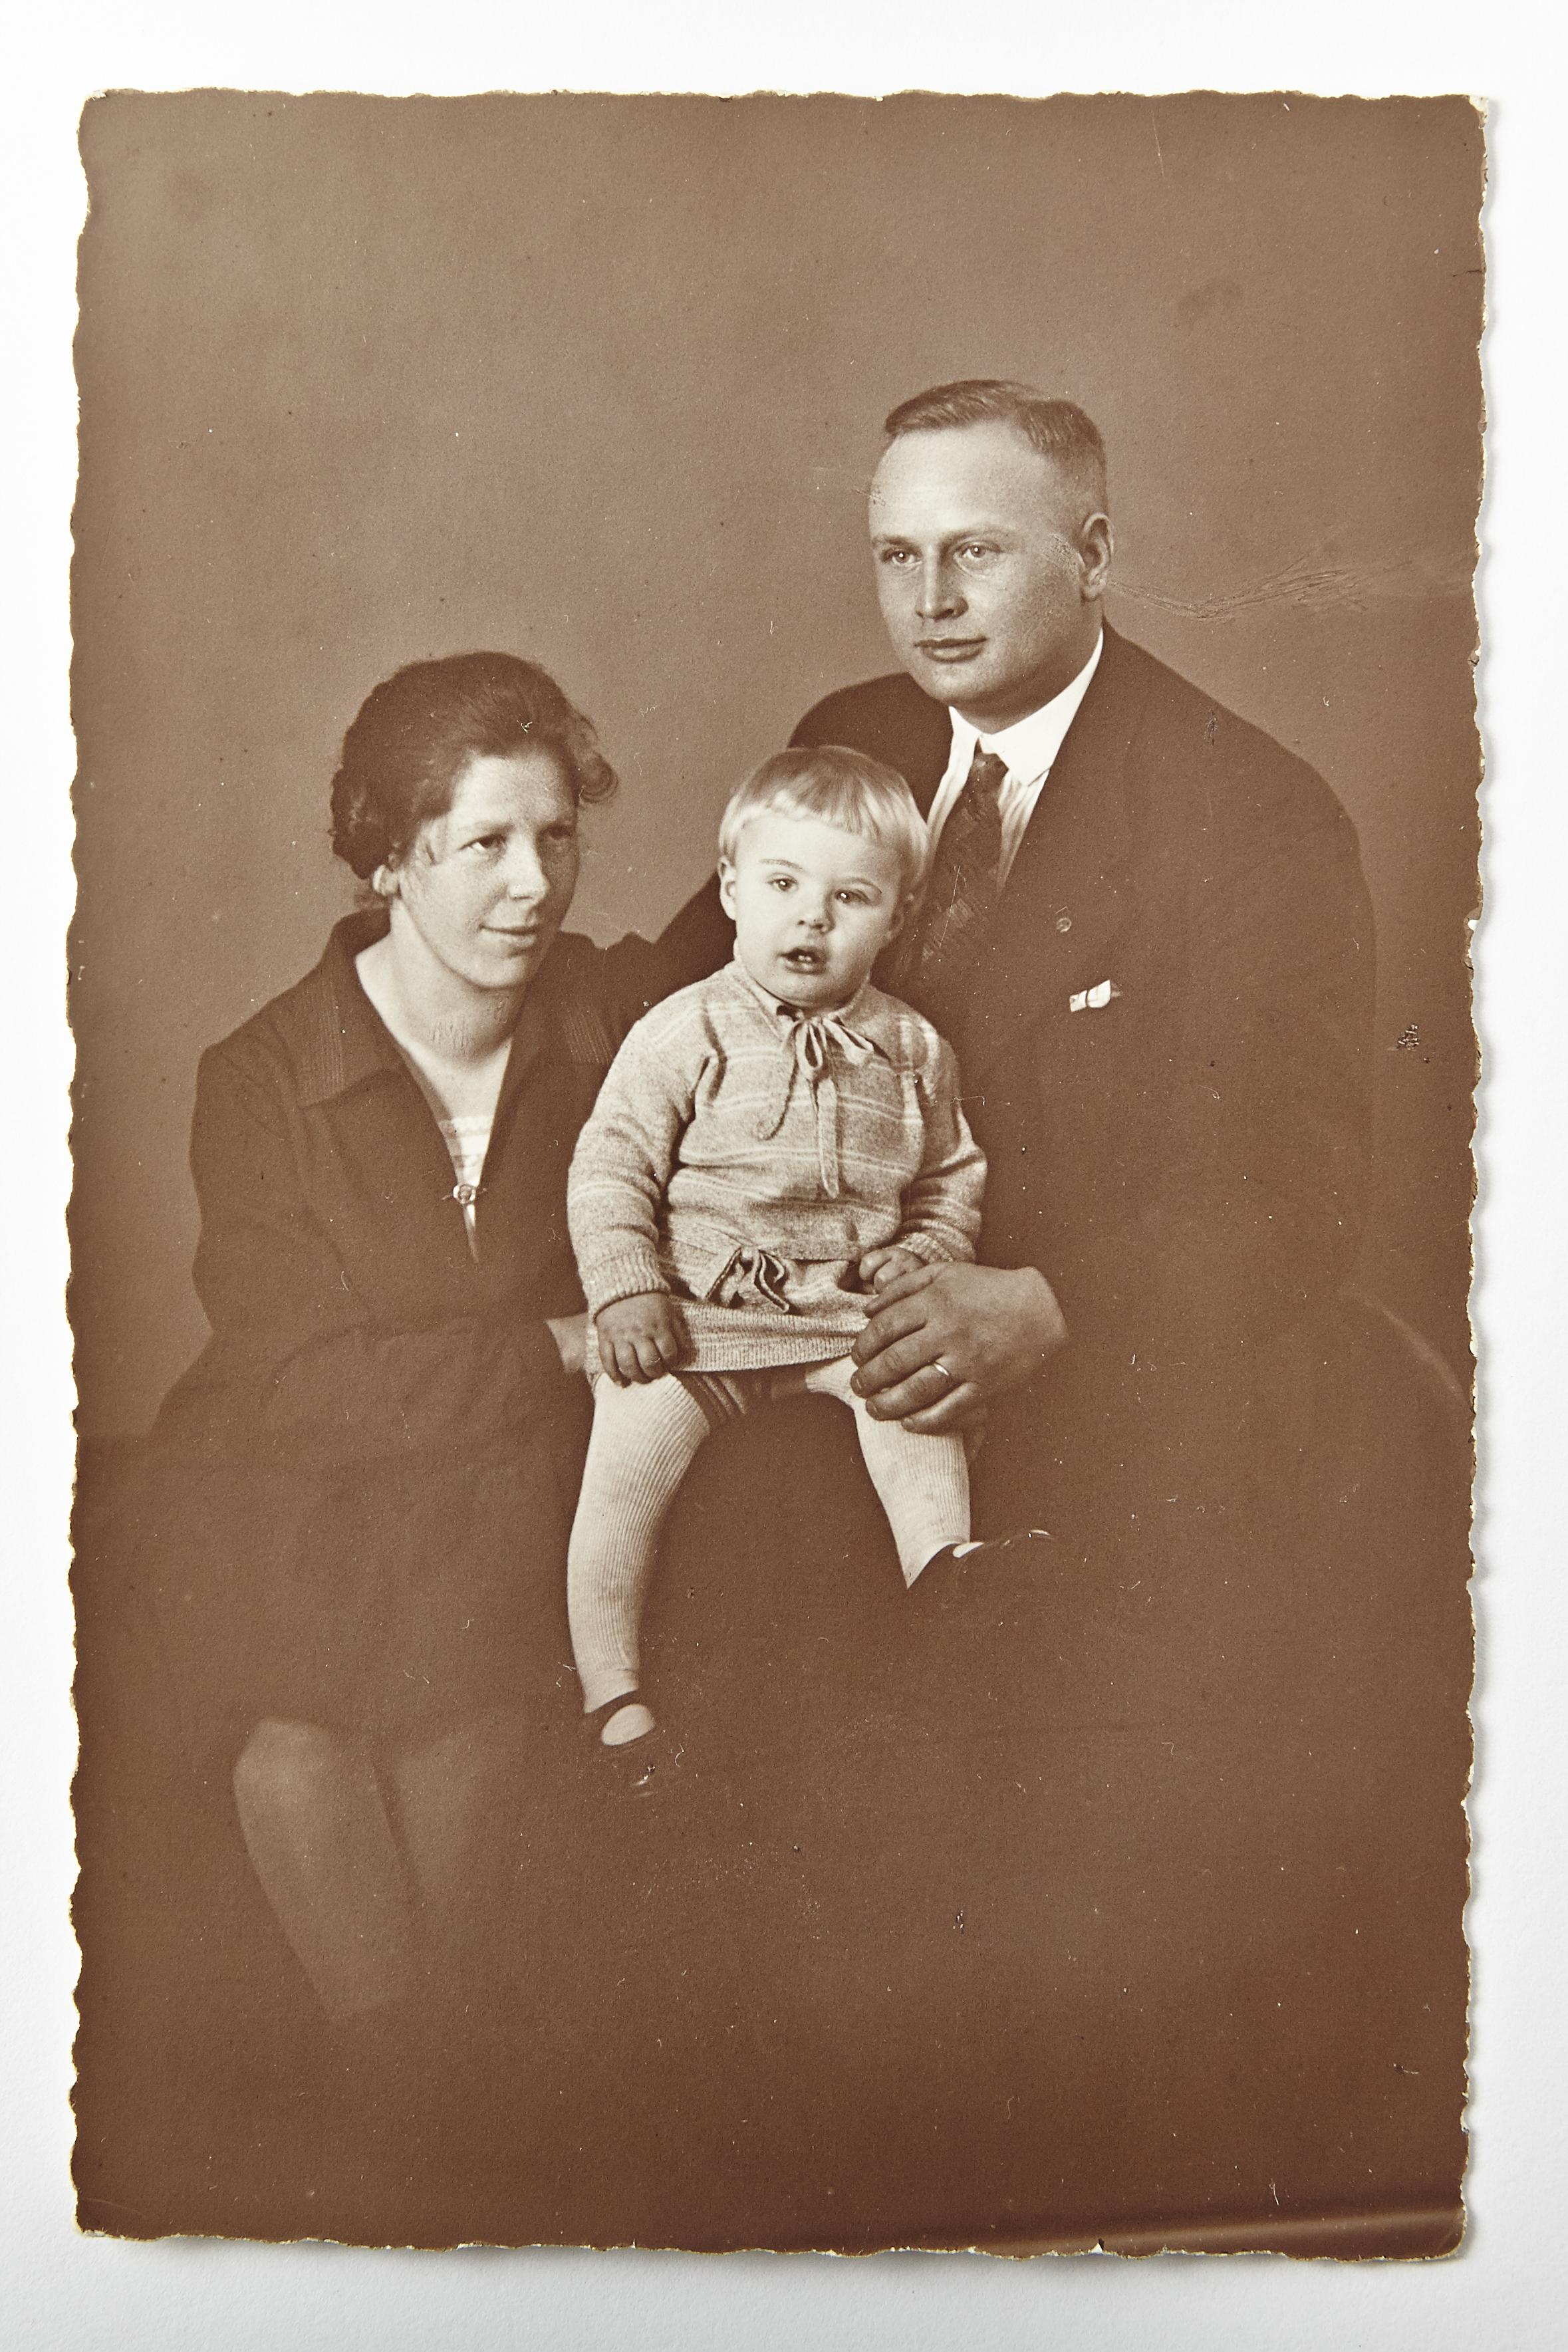 Fotografía del testigo de Jehová Ernst Schwalm; su esposa, Emmy, y su hijo, Ernst David (1928) Colección de la Florence & Laurence Spungen Family Foundation